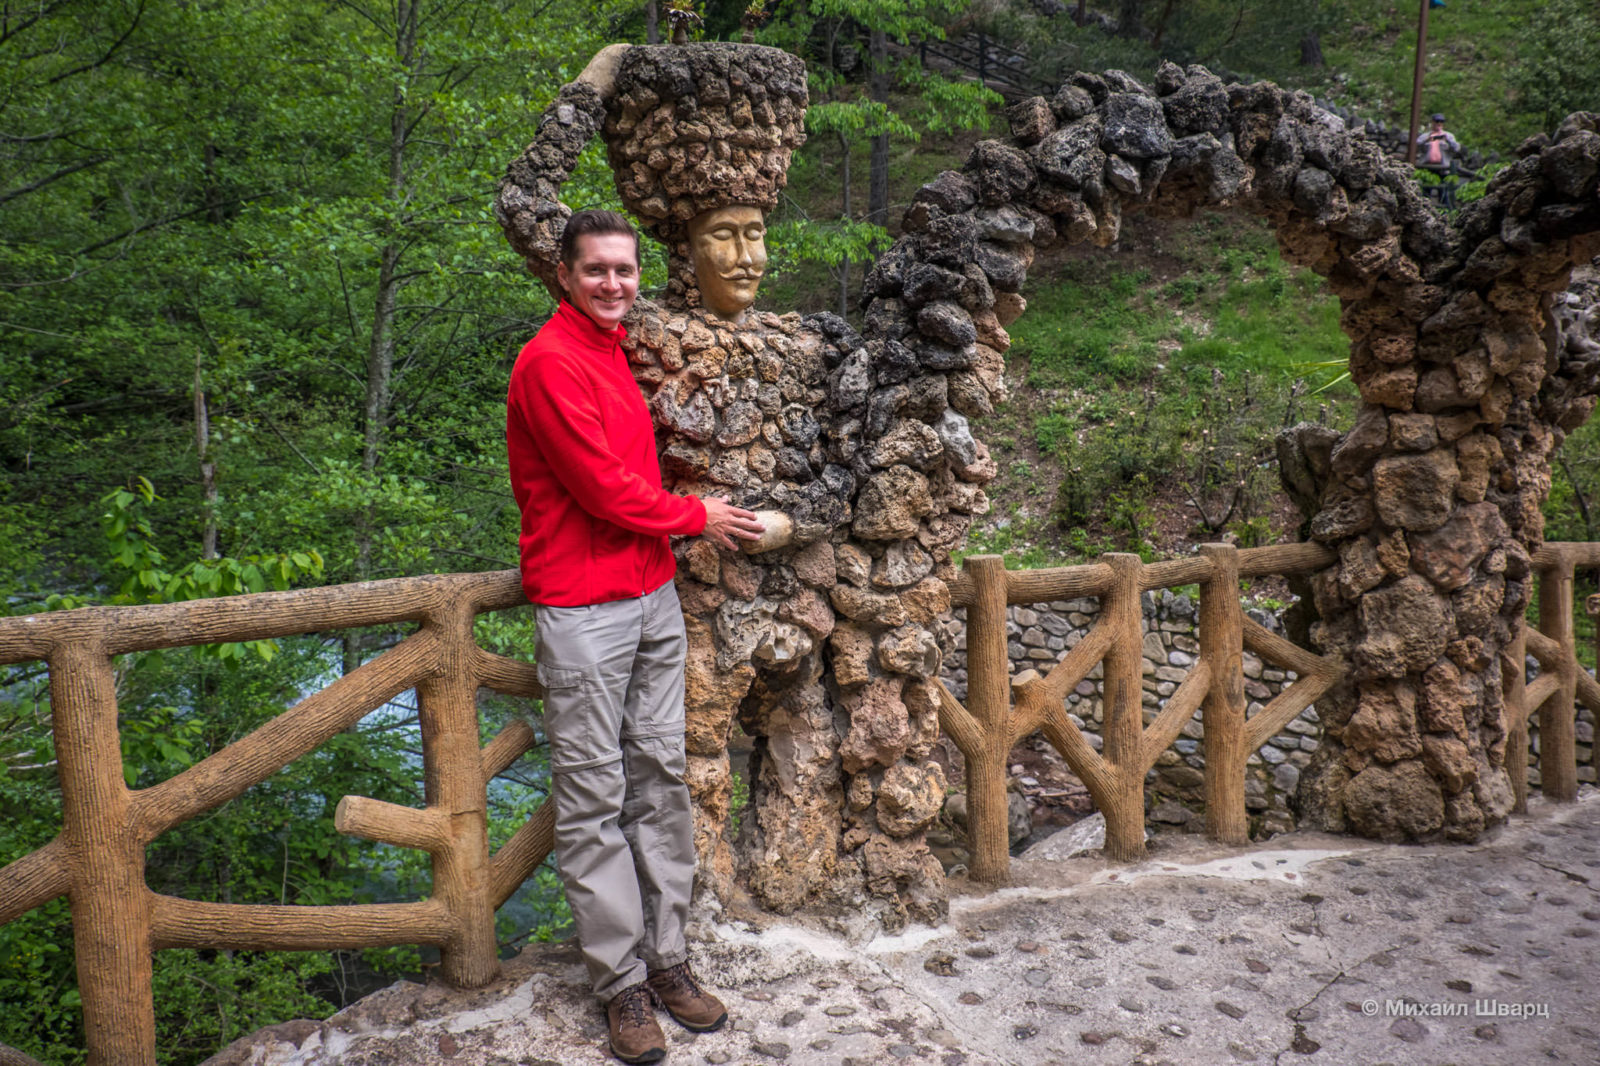 У арочного моста 2 статуи: мужчина и